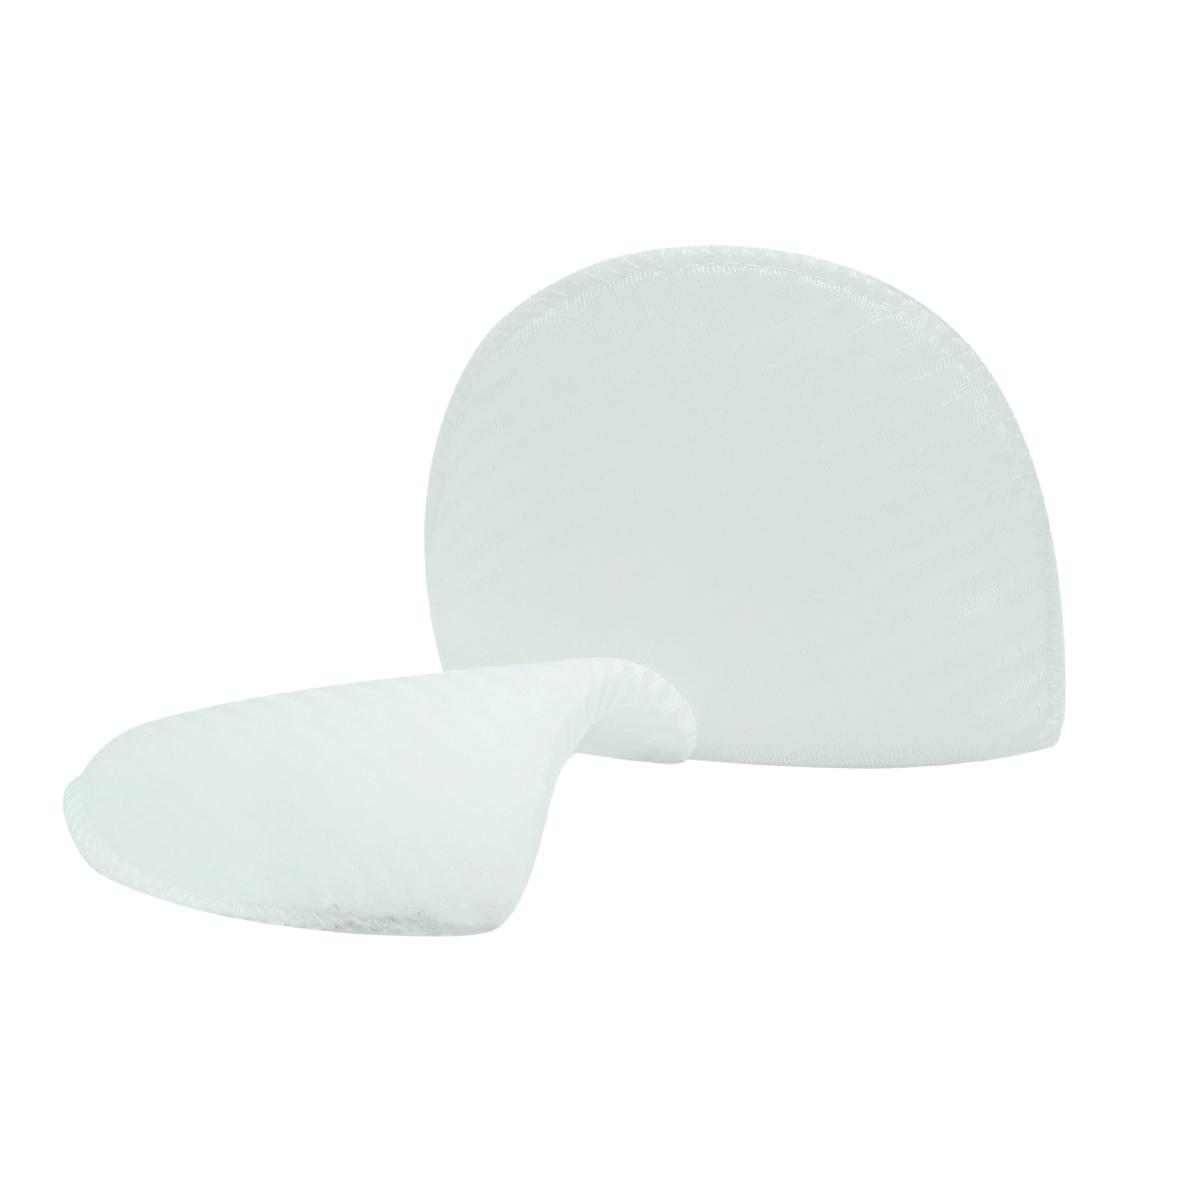 Плечевые накладки В-8/А втачные обшитые, цвет белый, 8х100х145 мм, Hobby&Pro